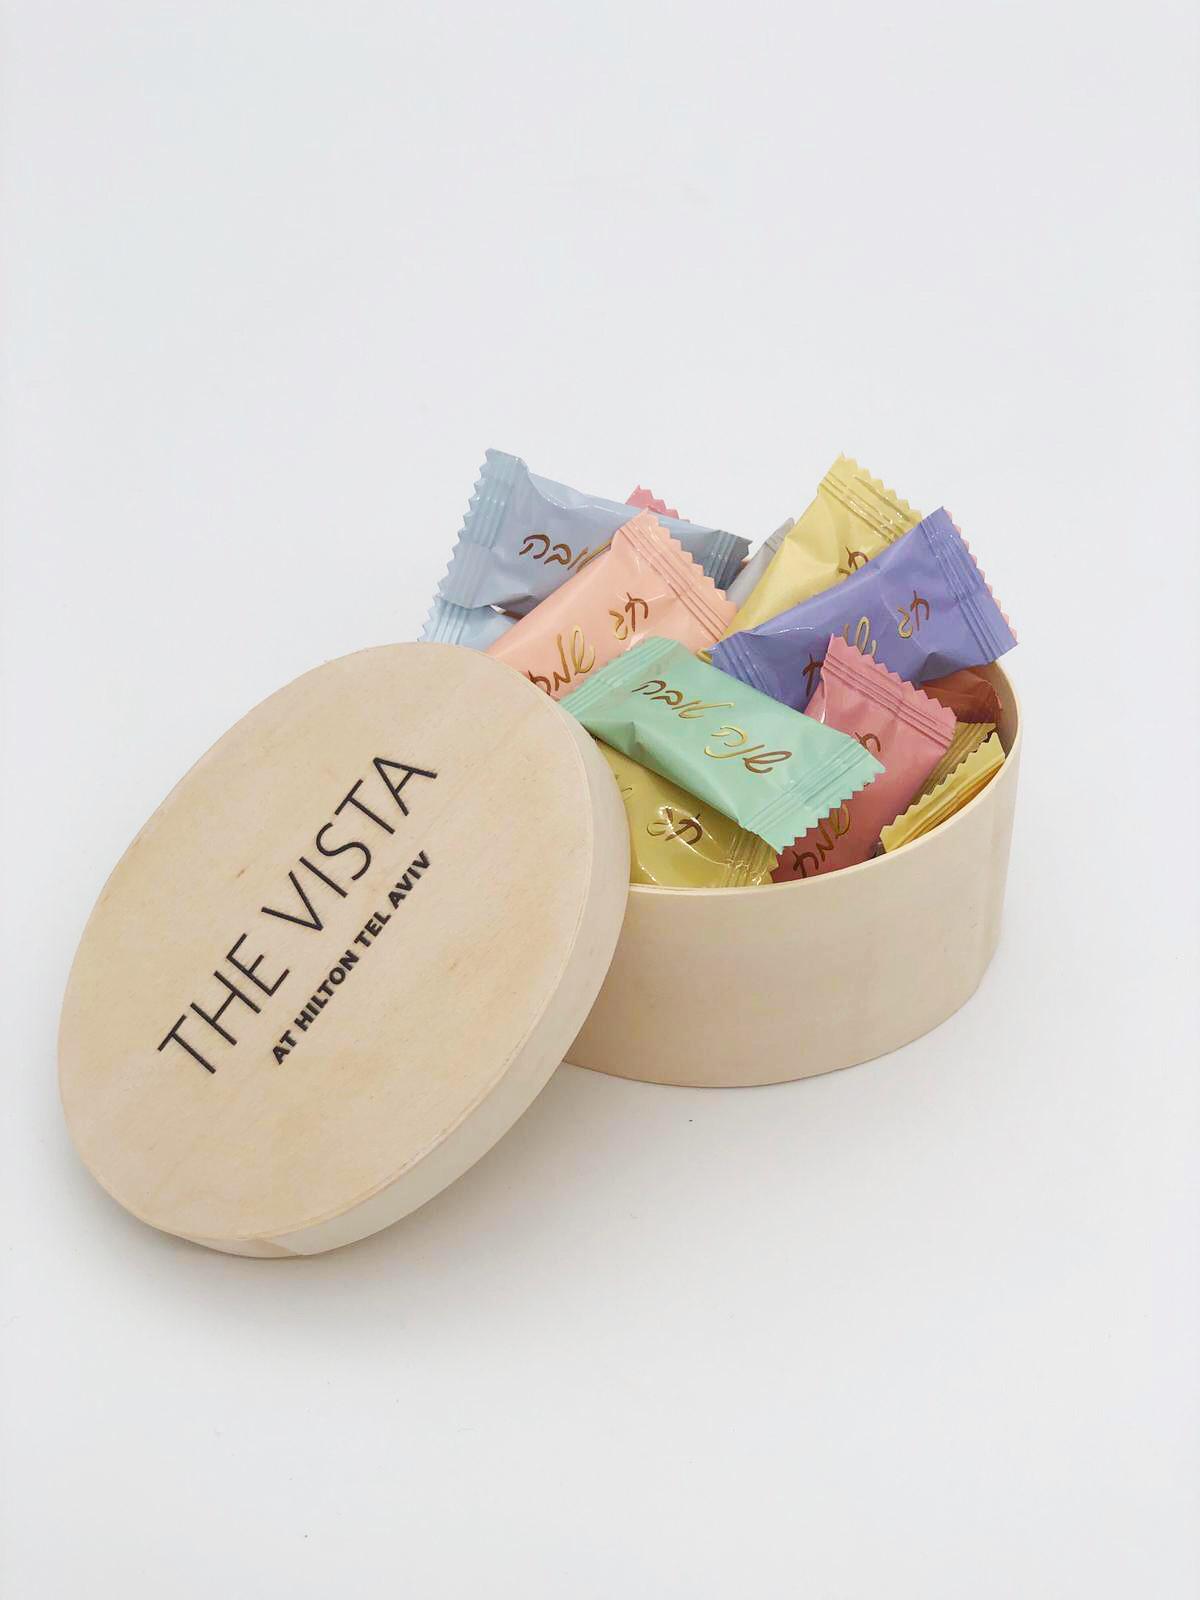 קופסא עץ עם סוכריות